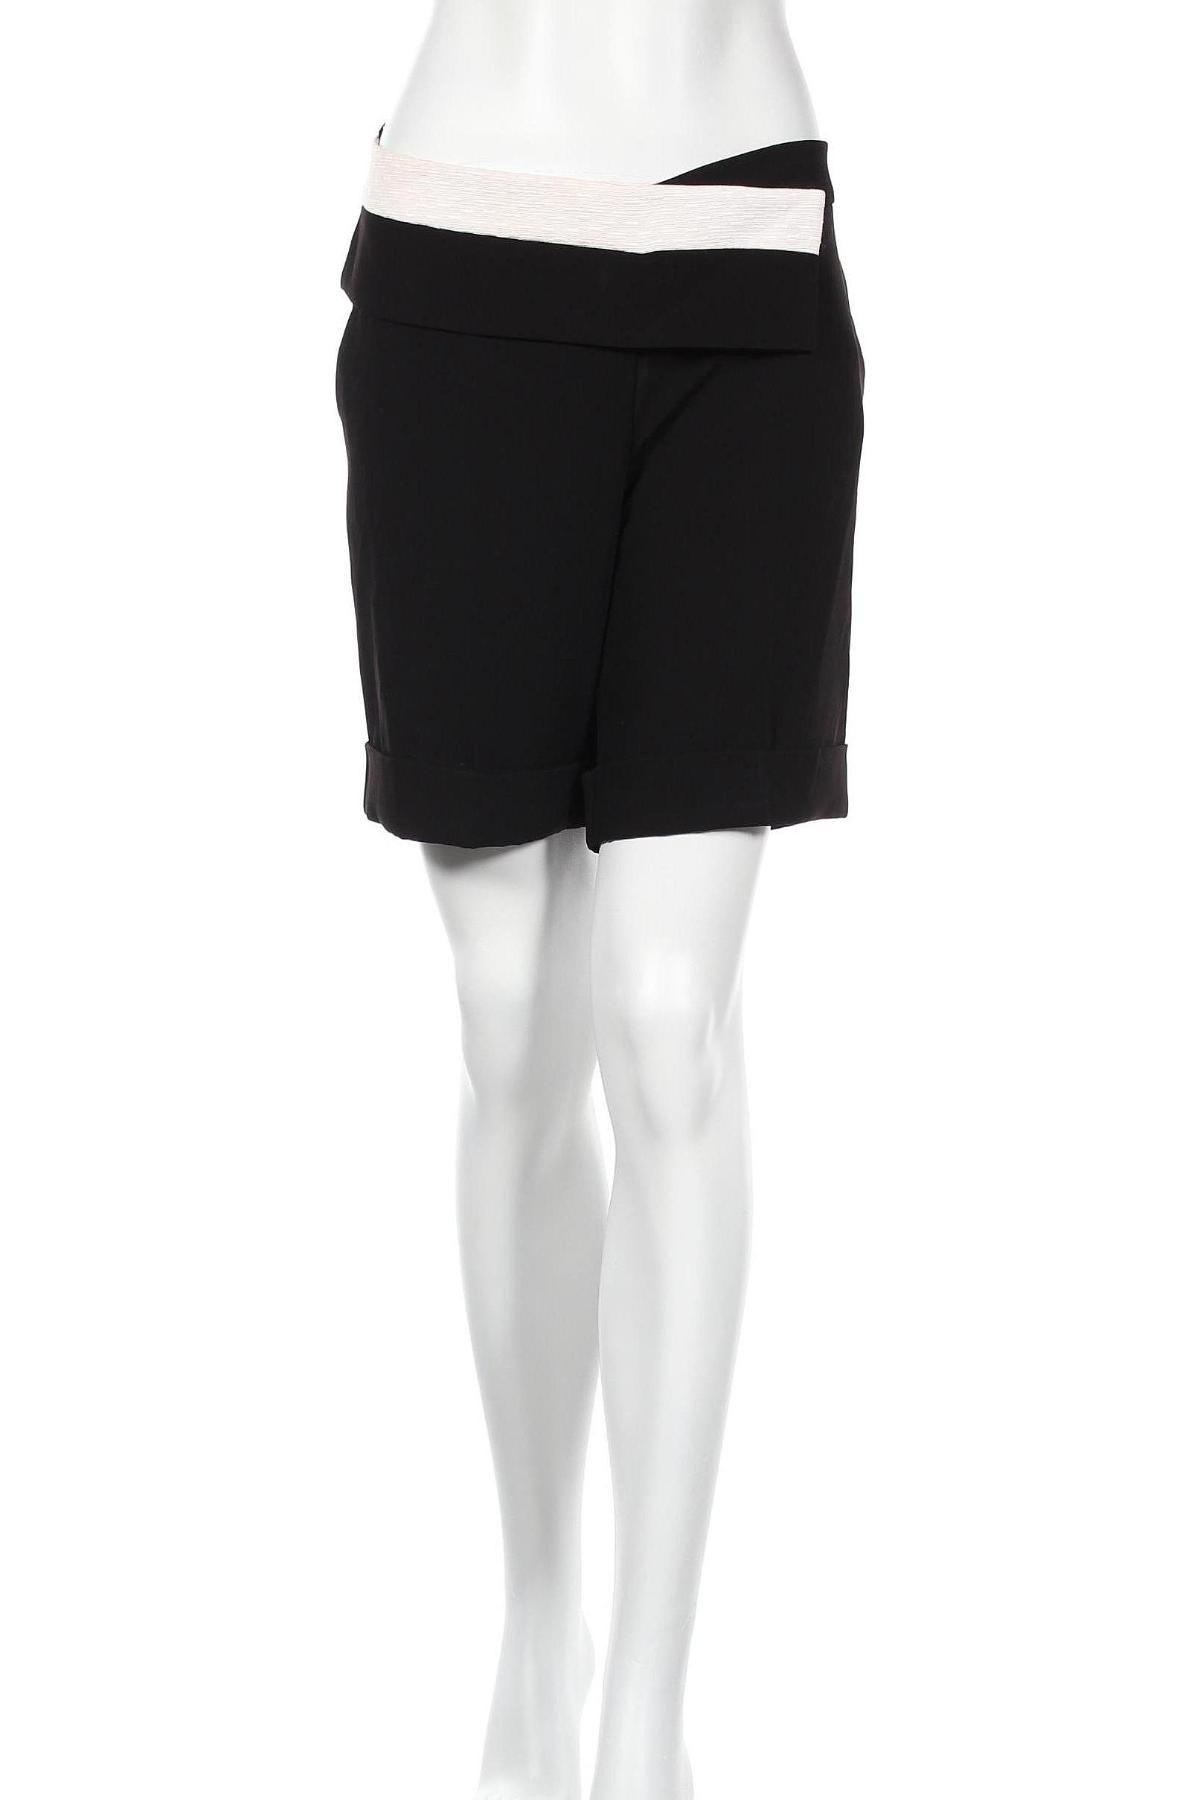 Дамски къс панталон Cop.copine, Размер L, Цвят Черен, 91% полиестер, 9% еластан, Цена 46,50лв.